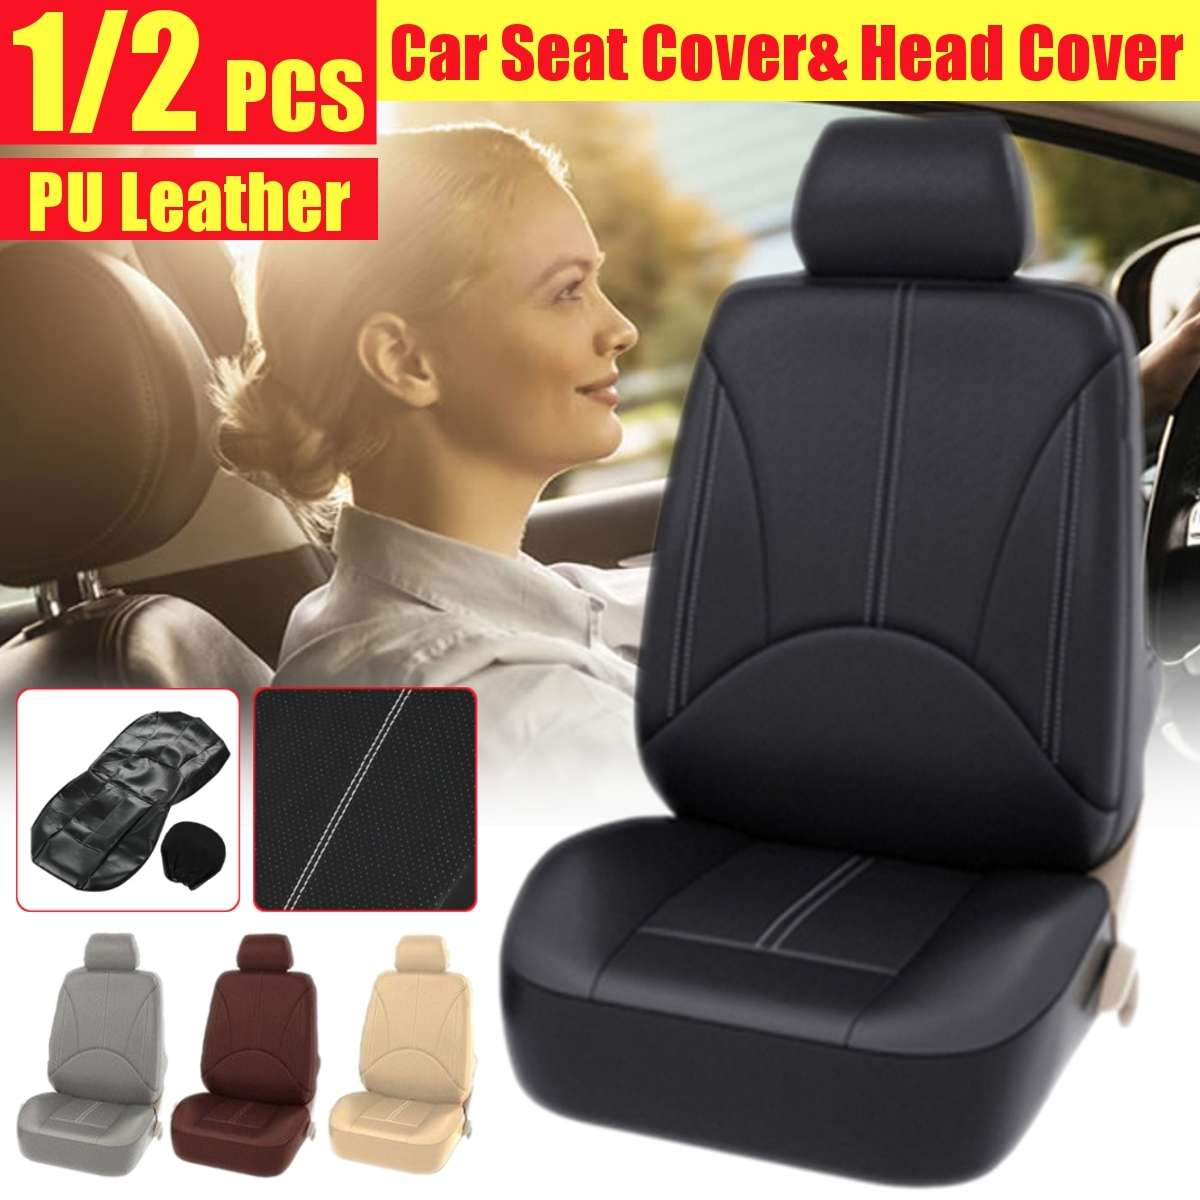 118x56 cm housse de siège en cuir de voiture coussin Protection de siège avant universel 1 siège 1 couvre-tête pour Vw respirant accessoires